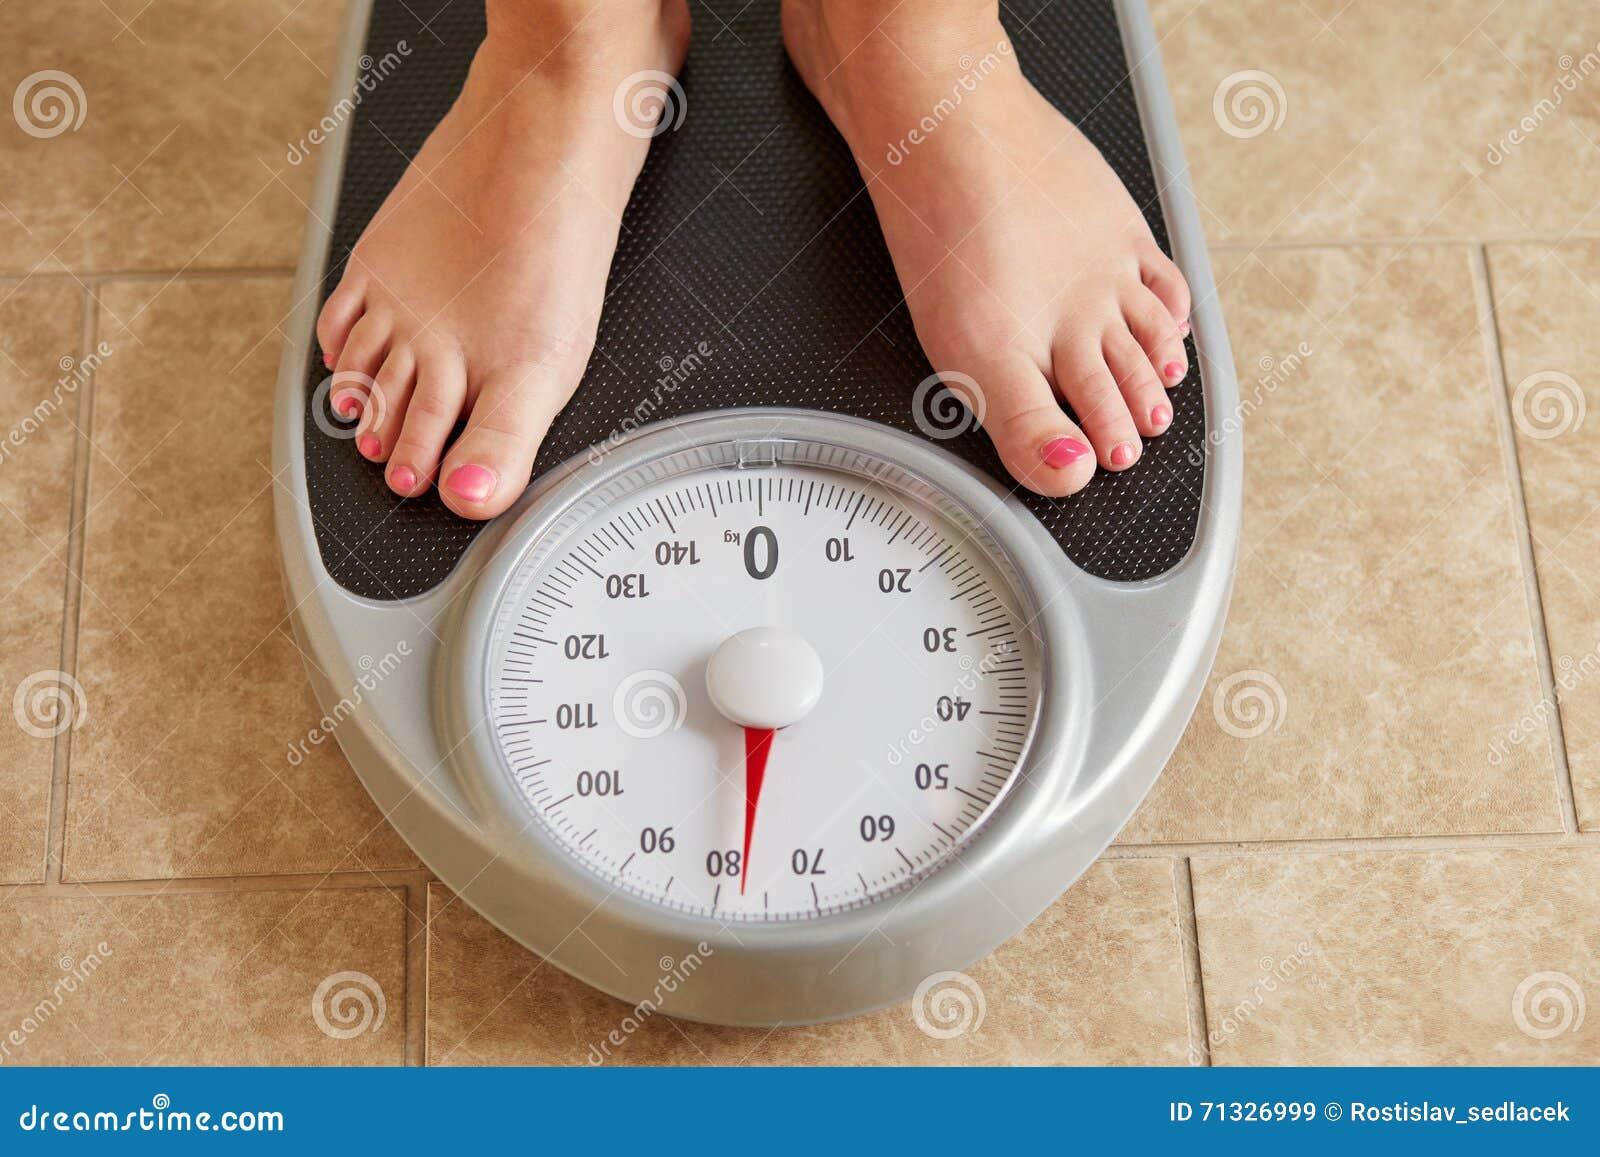 Pieds nus femelles sur l échelle de poids